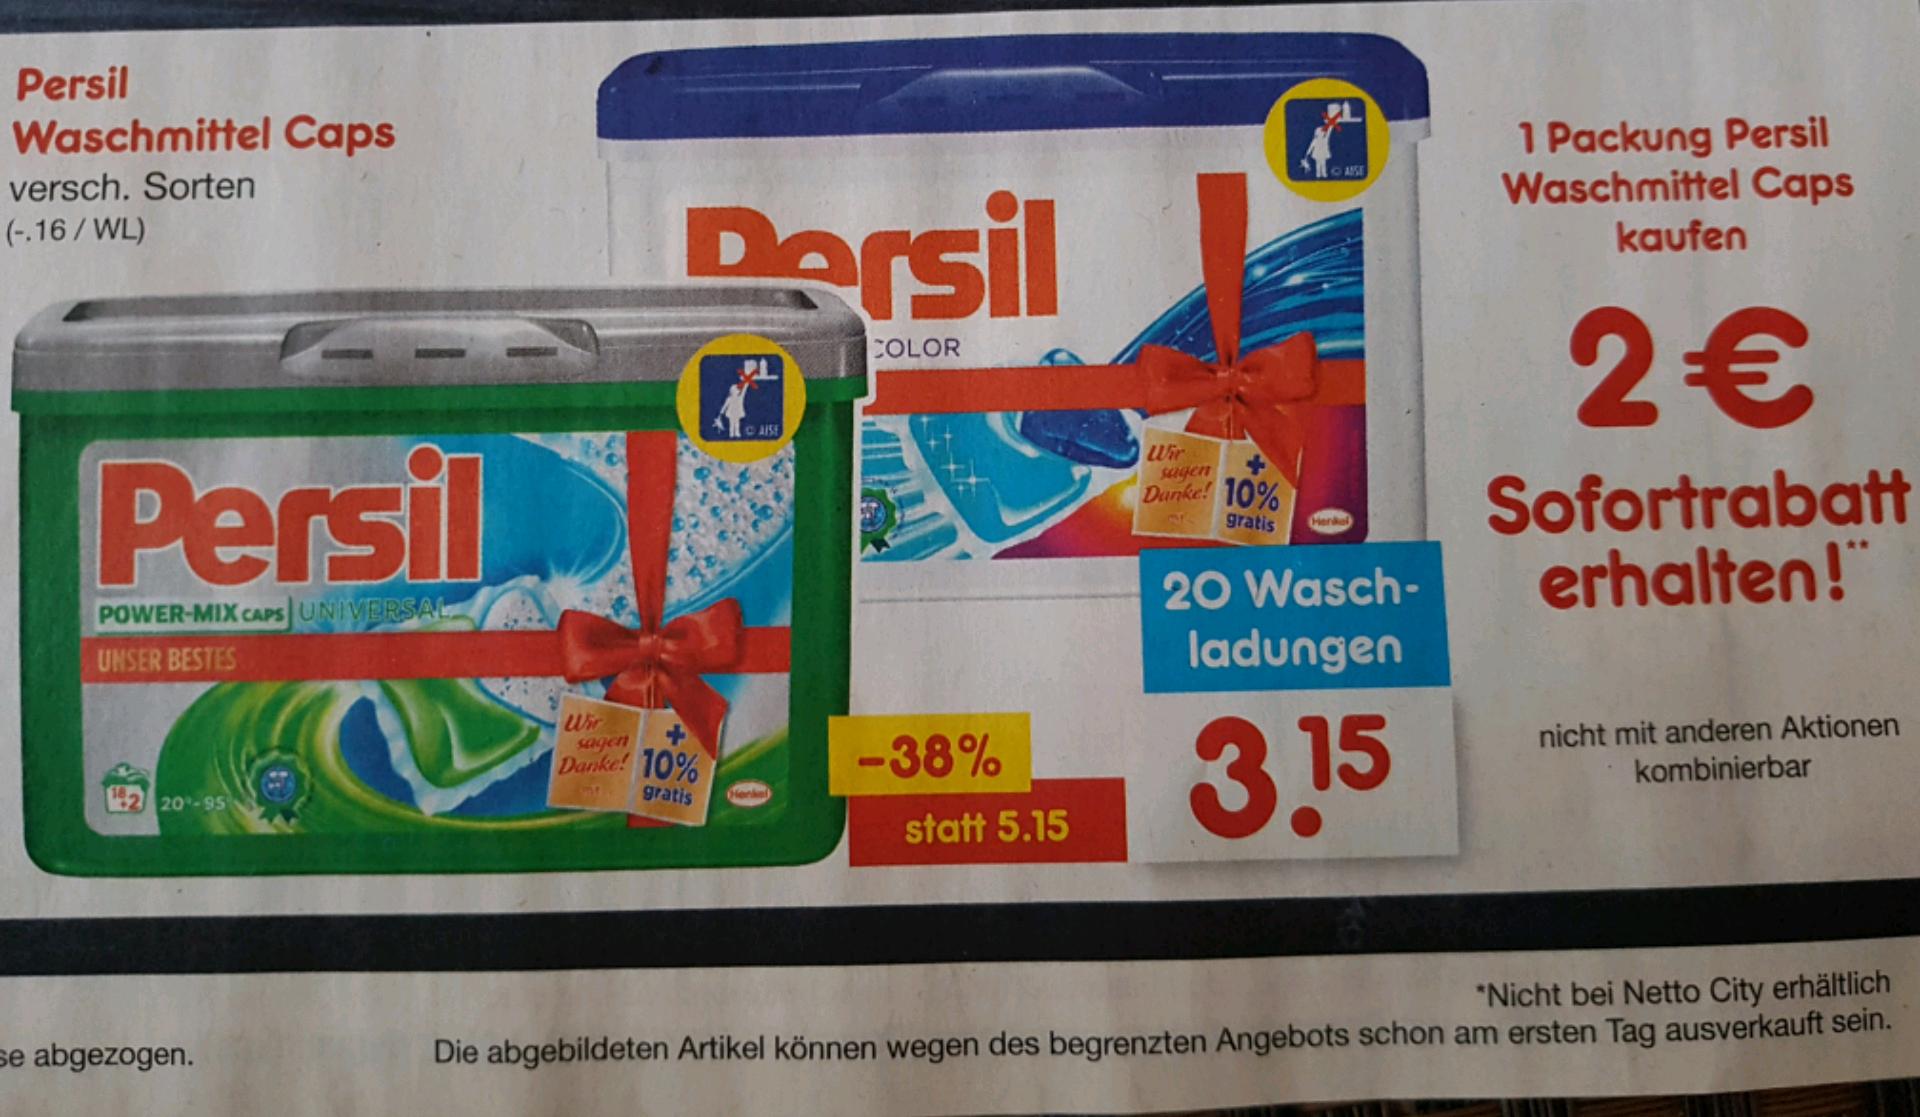 Persil Waschmittel Caps 20 WL für 1,15€ bei Netto MD (ab 19.12.)